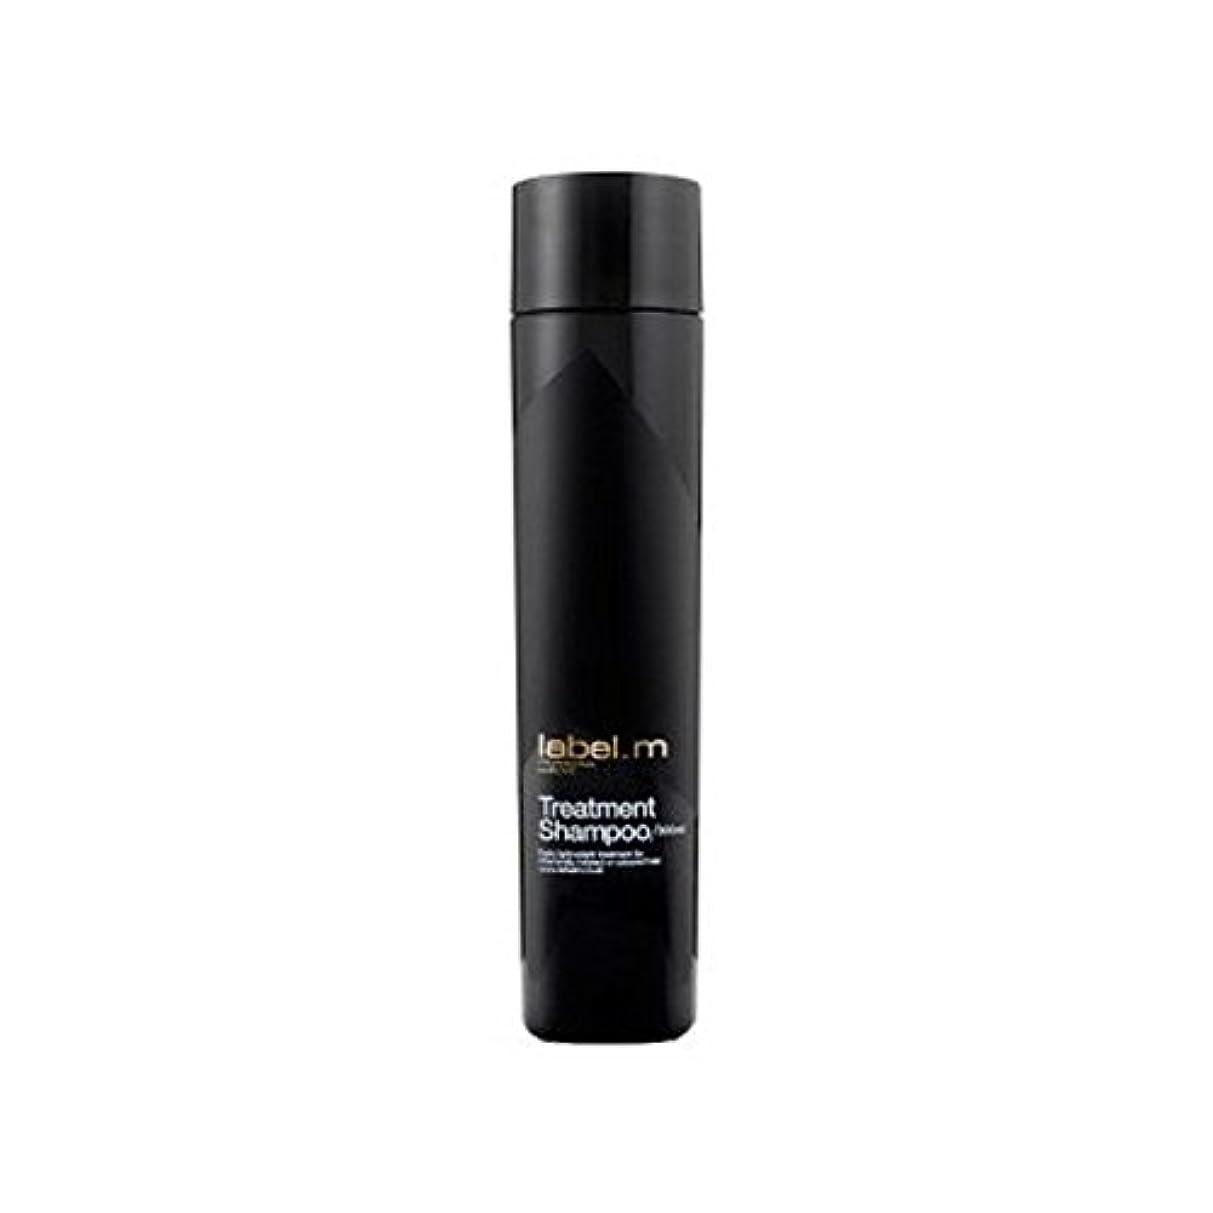 贈り物素子時刻表.トリートメントシャンプー(300ミリリットル) x2 - Label.M Treatment Shampoo (300ml) (Pack of 2) [並行輸入品]